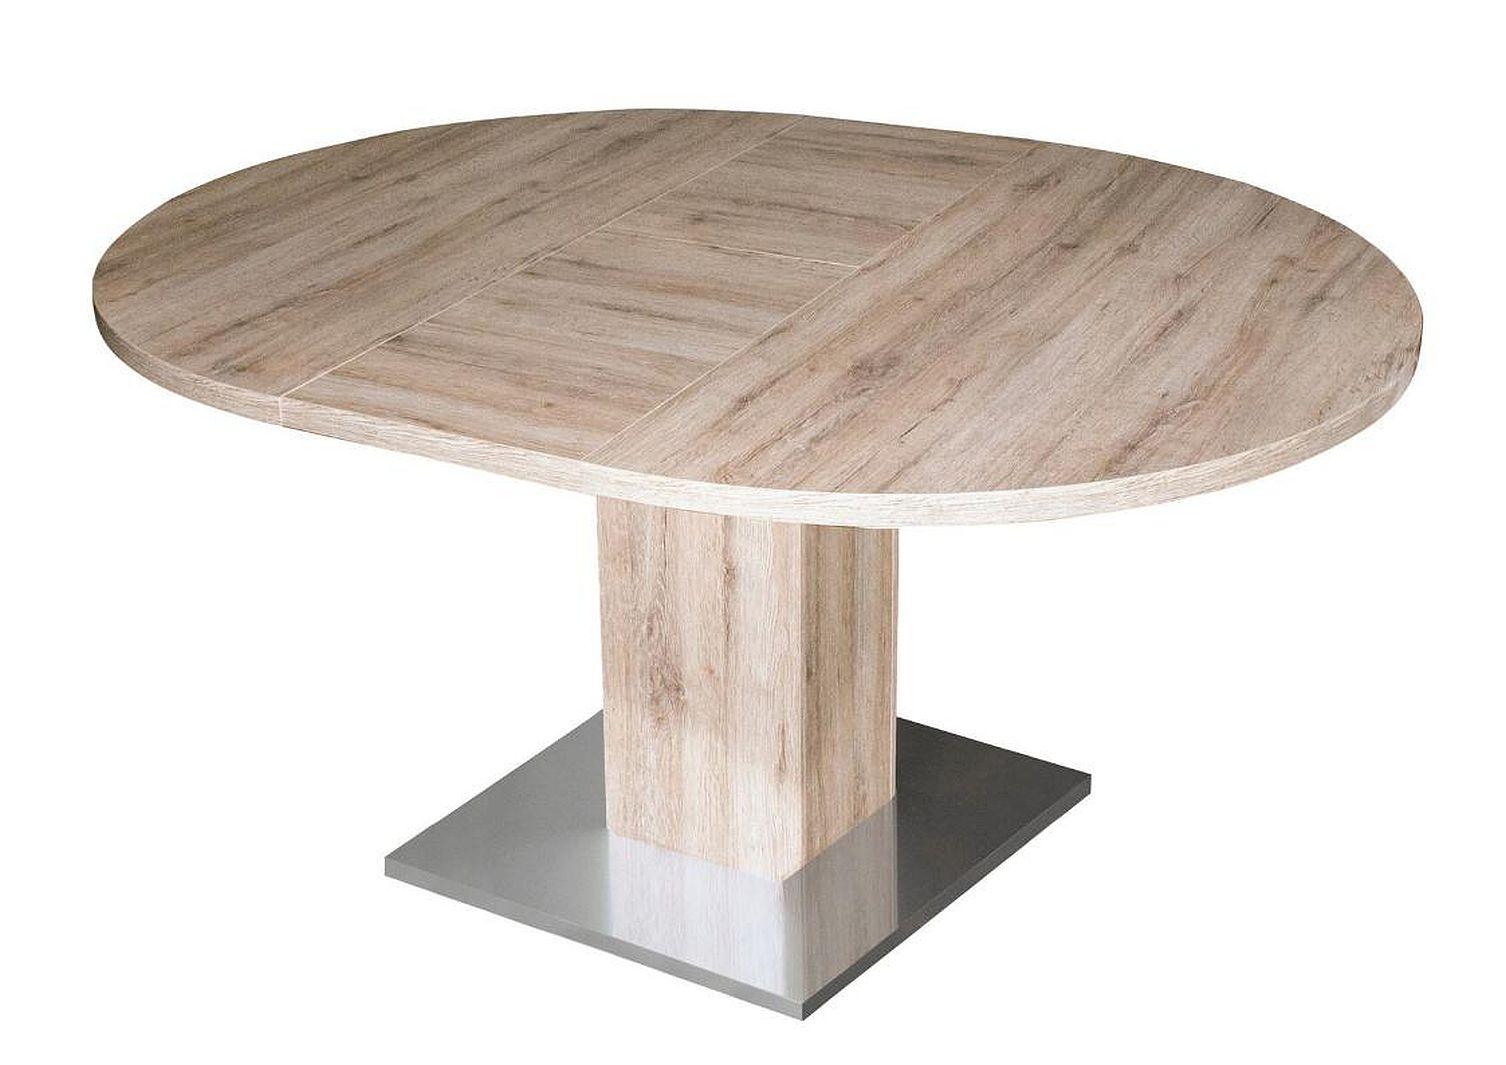 rund esstisch neu tisch tische k chentisch speisetisch esszimmer ausziehbar ebay. Black Bedroom Furniture Sets. Home Design Ideas